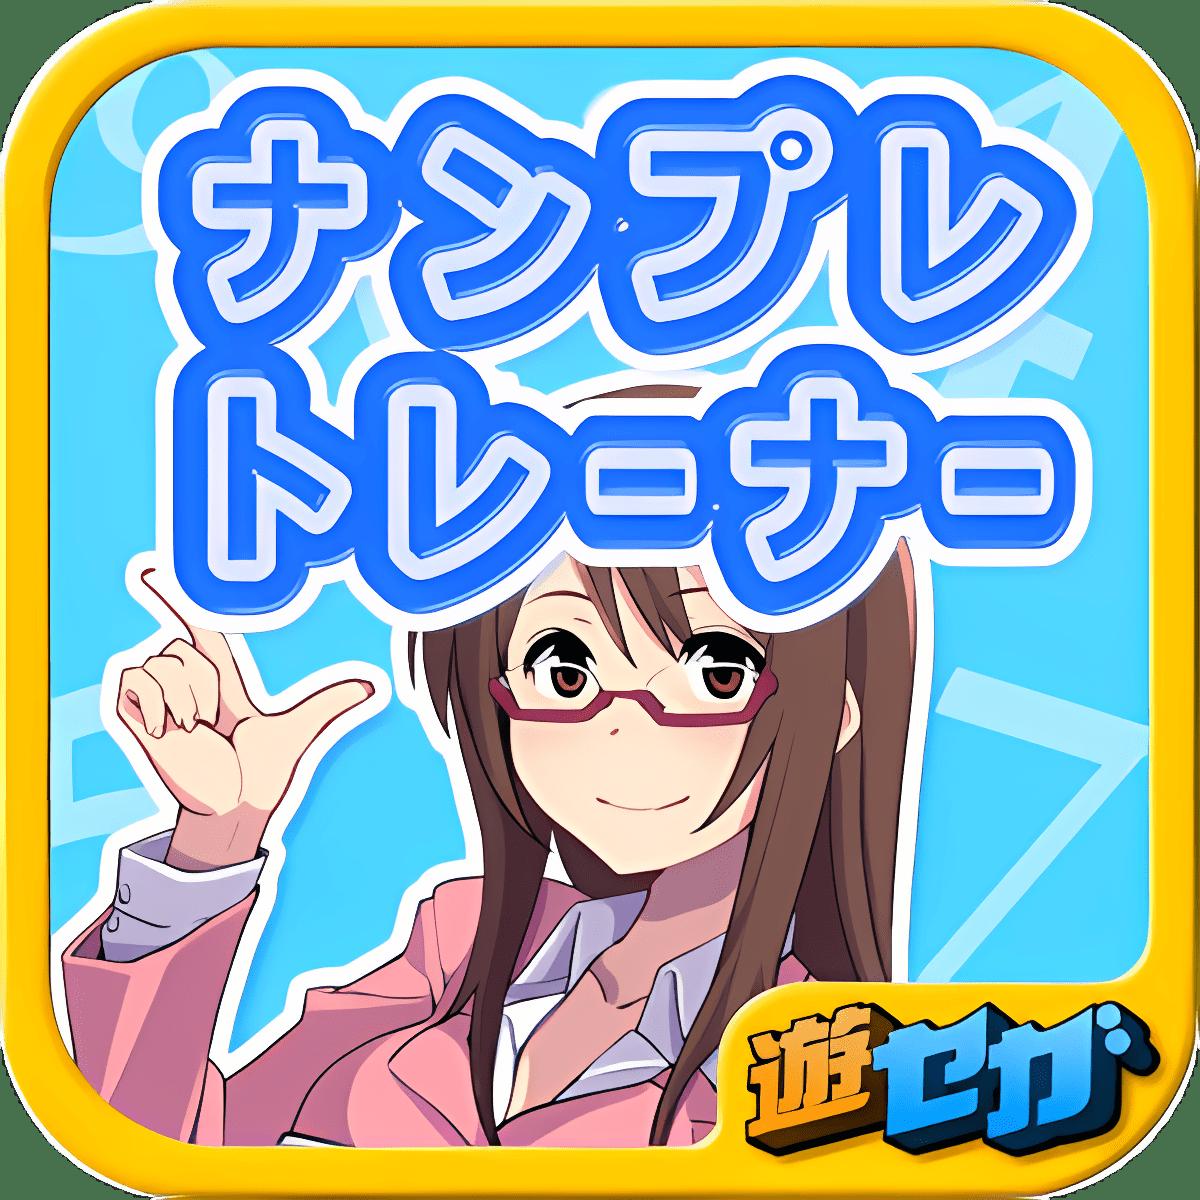 ナンプレトレーナー【自動作成機能有り】★遊び放題!セガプラス 1.0.0